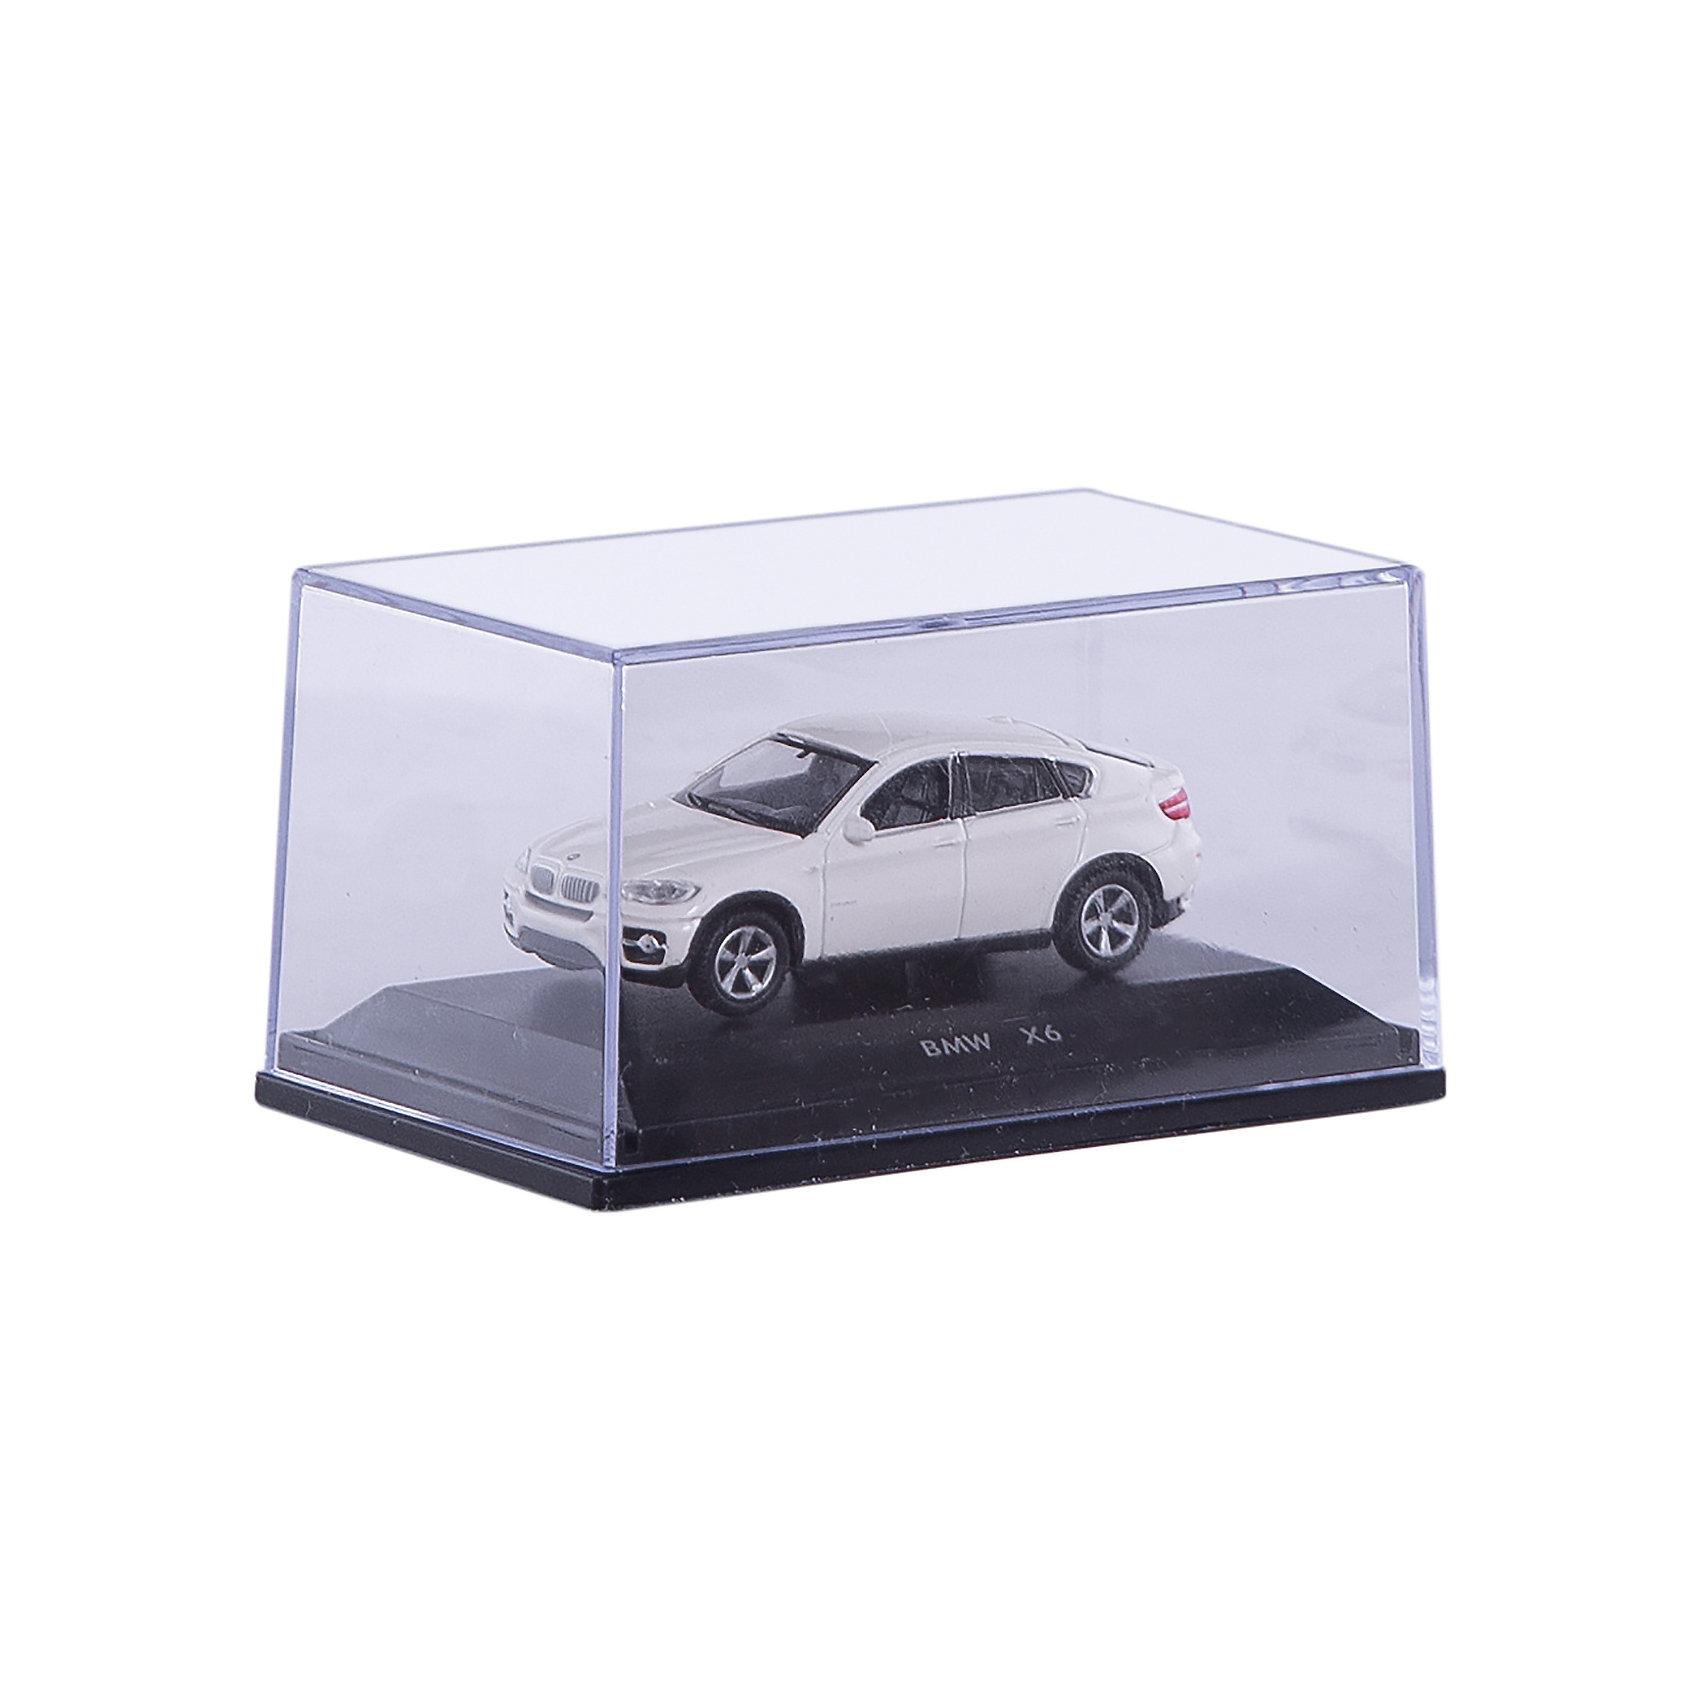 Модель машины 1:87 BMW X6, WellyКоллекционные модели<br>Коллекционная модель машины масштаба 1:87 BMW X6 от Welly. Цвет кузова представлен в ассортименте, выбранный вариант в поставке не гарантирован.<br><br>Ширина мм: 45<br>Глубина мм: 40<br>Высота мм: 75<br>Вес г: 55<br>Возраст от месяцев: 36<br>Возраст до месяцев: 192<br>Пол: Мужской<br>Возраст: Детский<br>SKU: 4966554